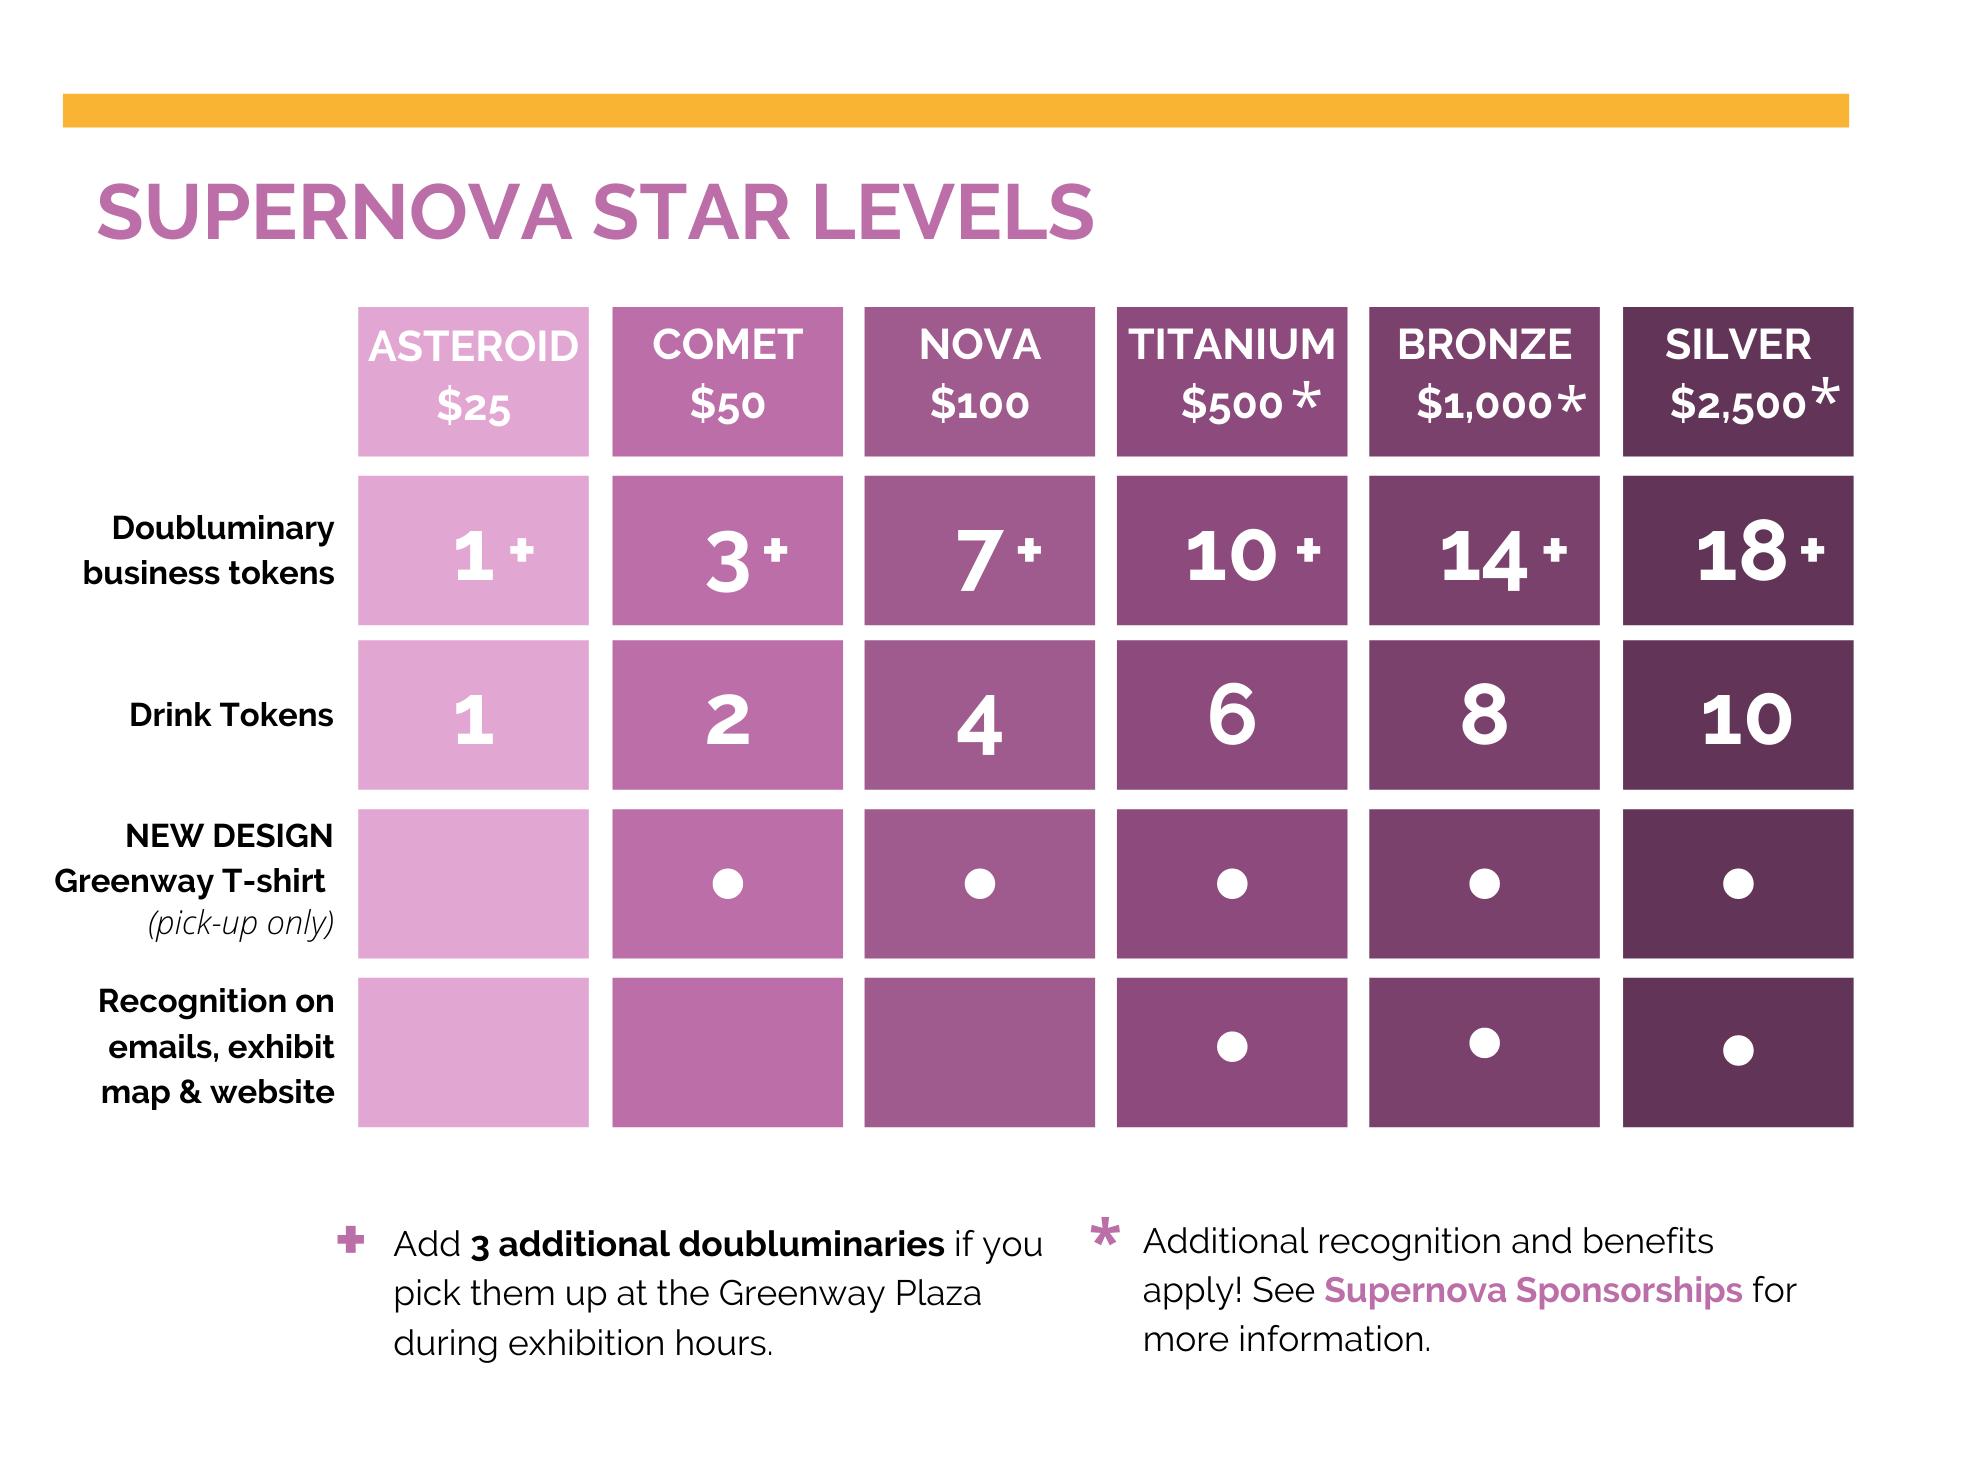 Star_Levels_-_Supernova-drinks.png